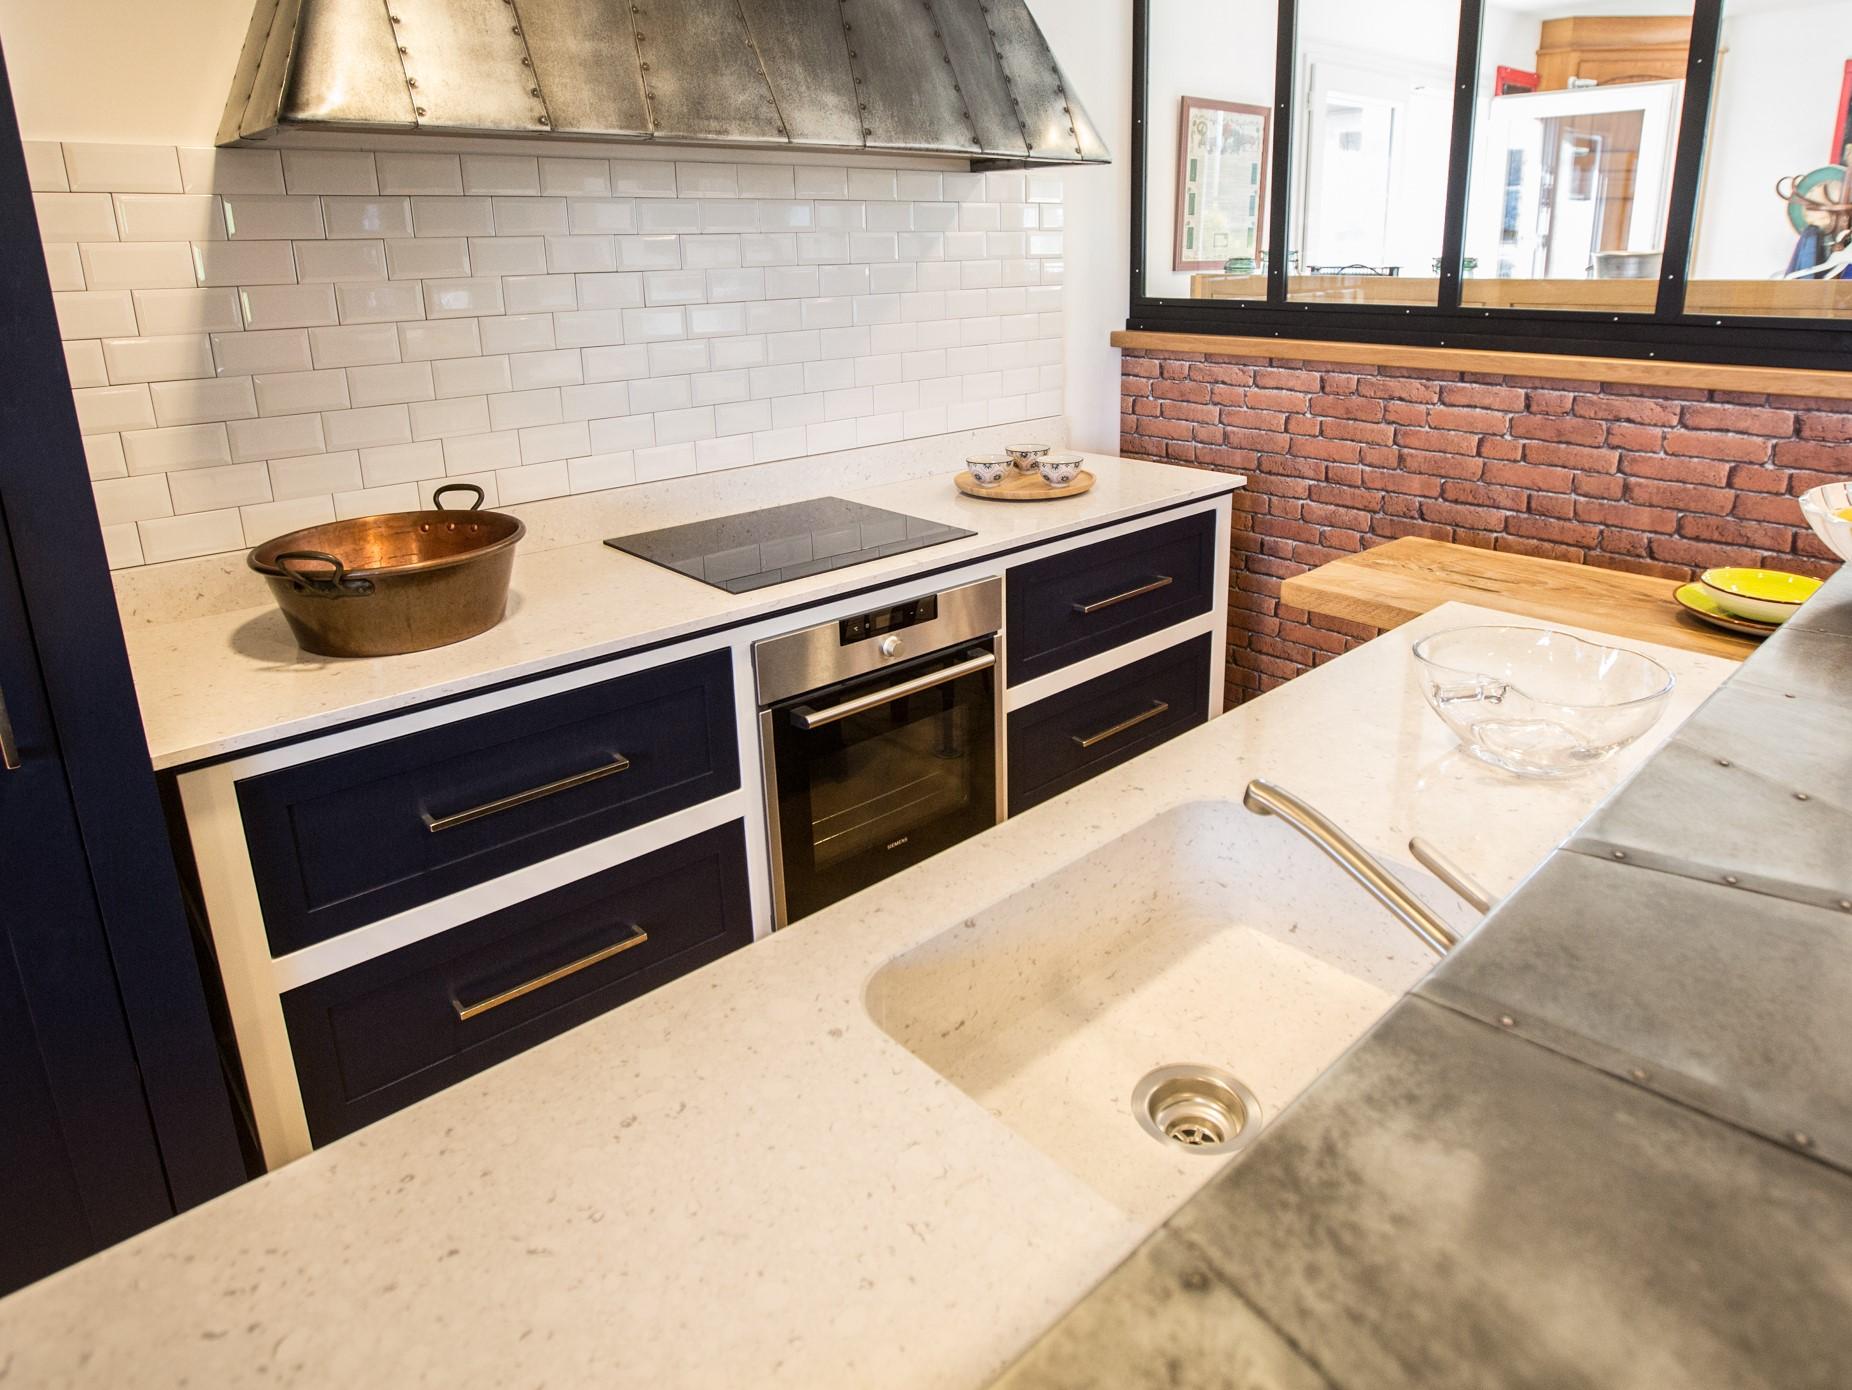 plan de travail en zinc pour cuisine fabulous recouvrir plan de travail cuisine plan travail. Black Bedroom Furniture Sets. Home Design Ideas